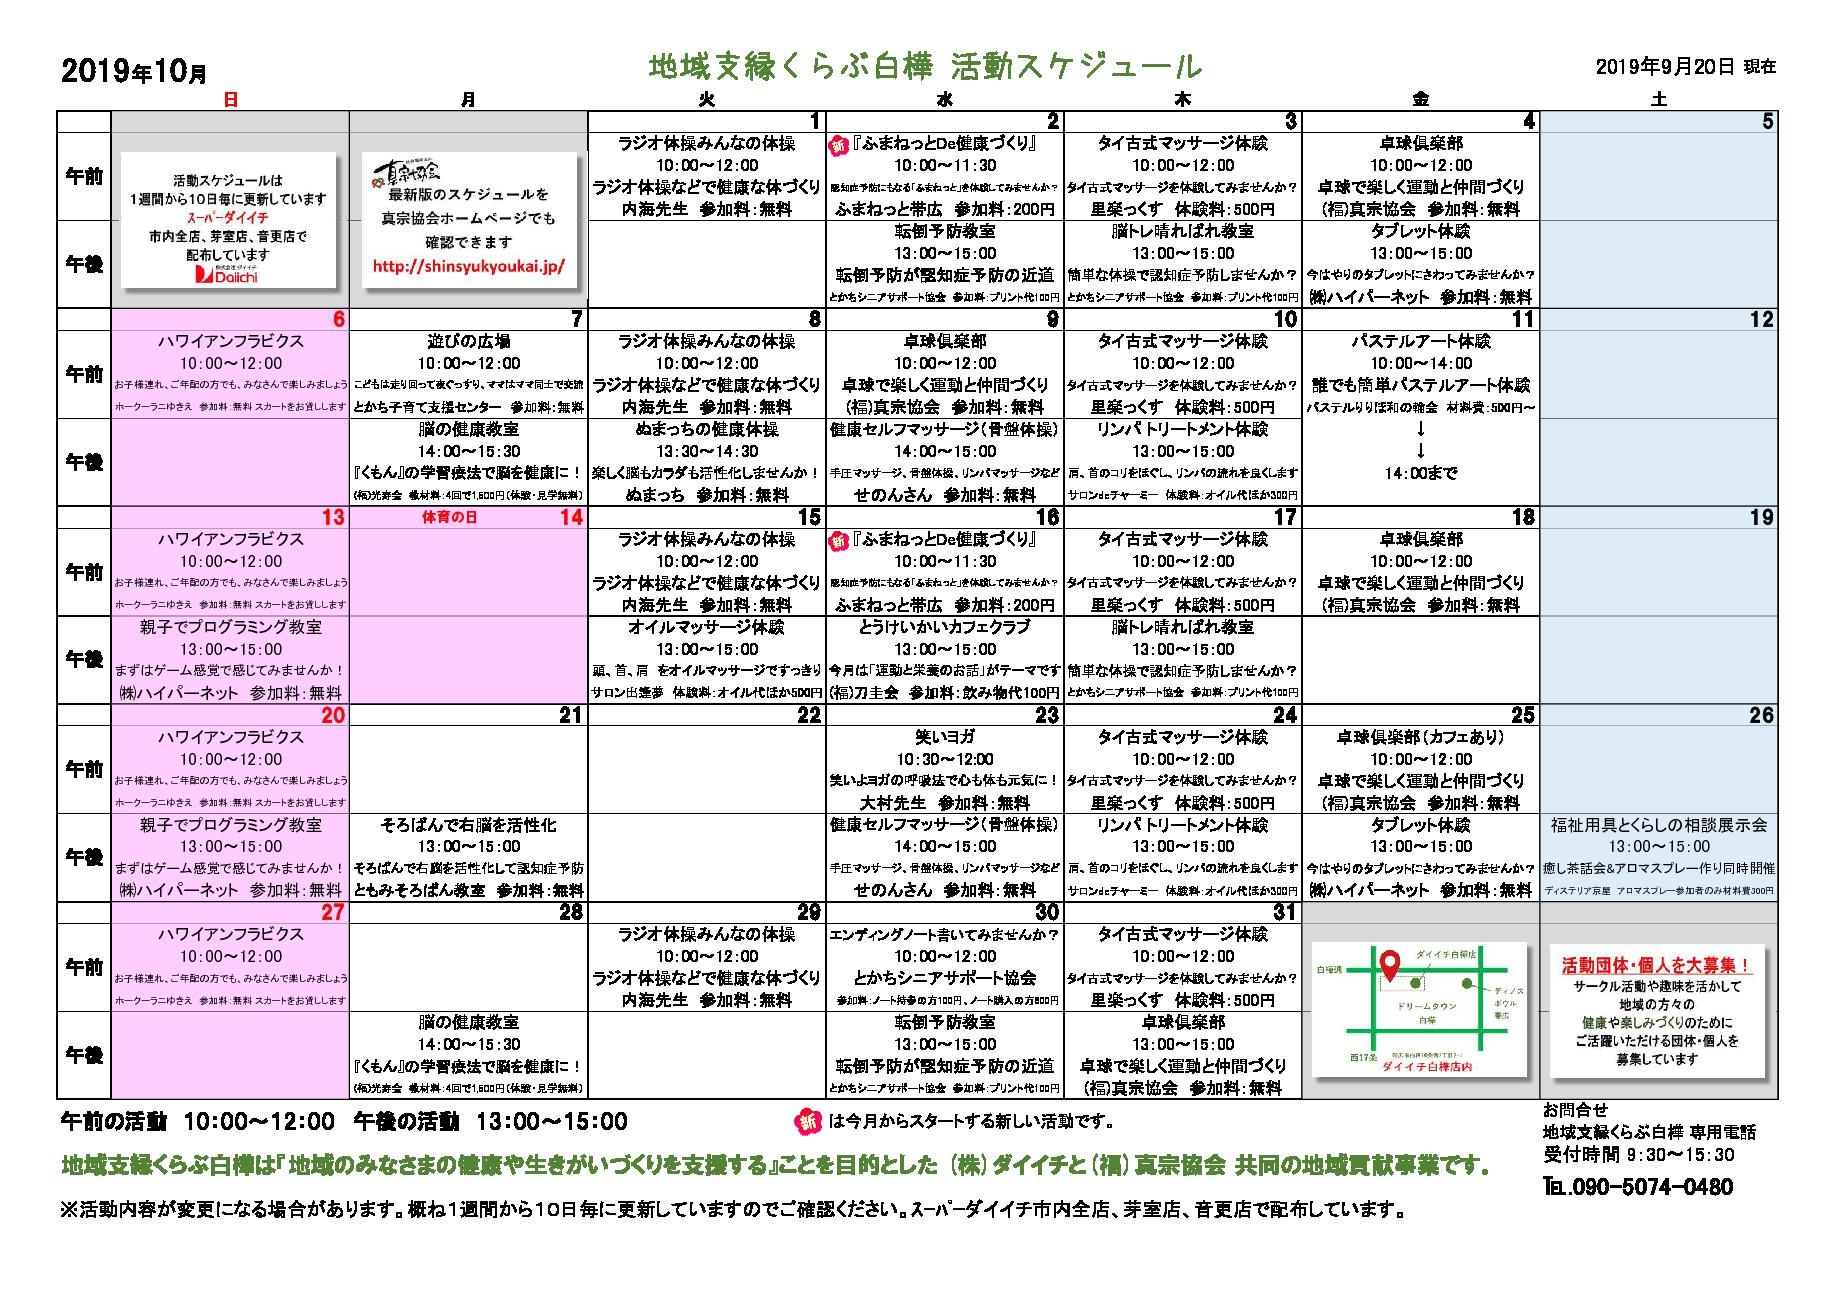 2019活動スケジュール10(2019.9.20付)のサムネイル